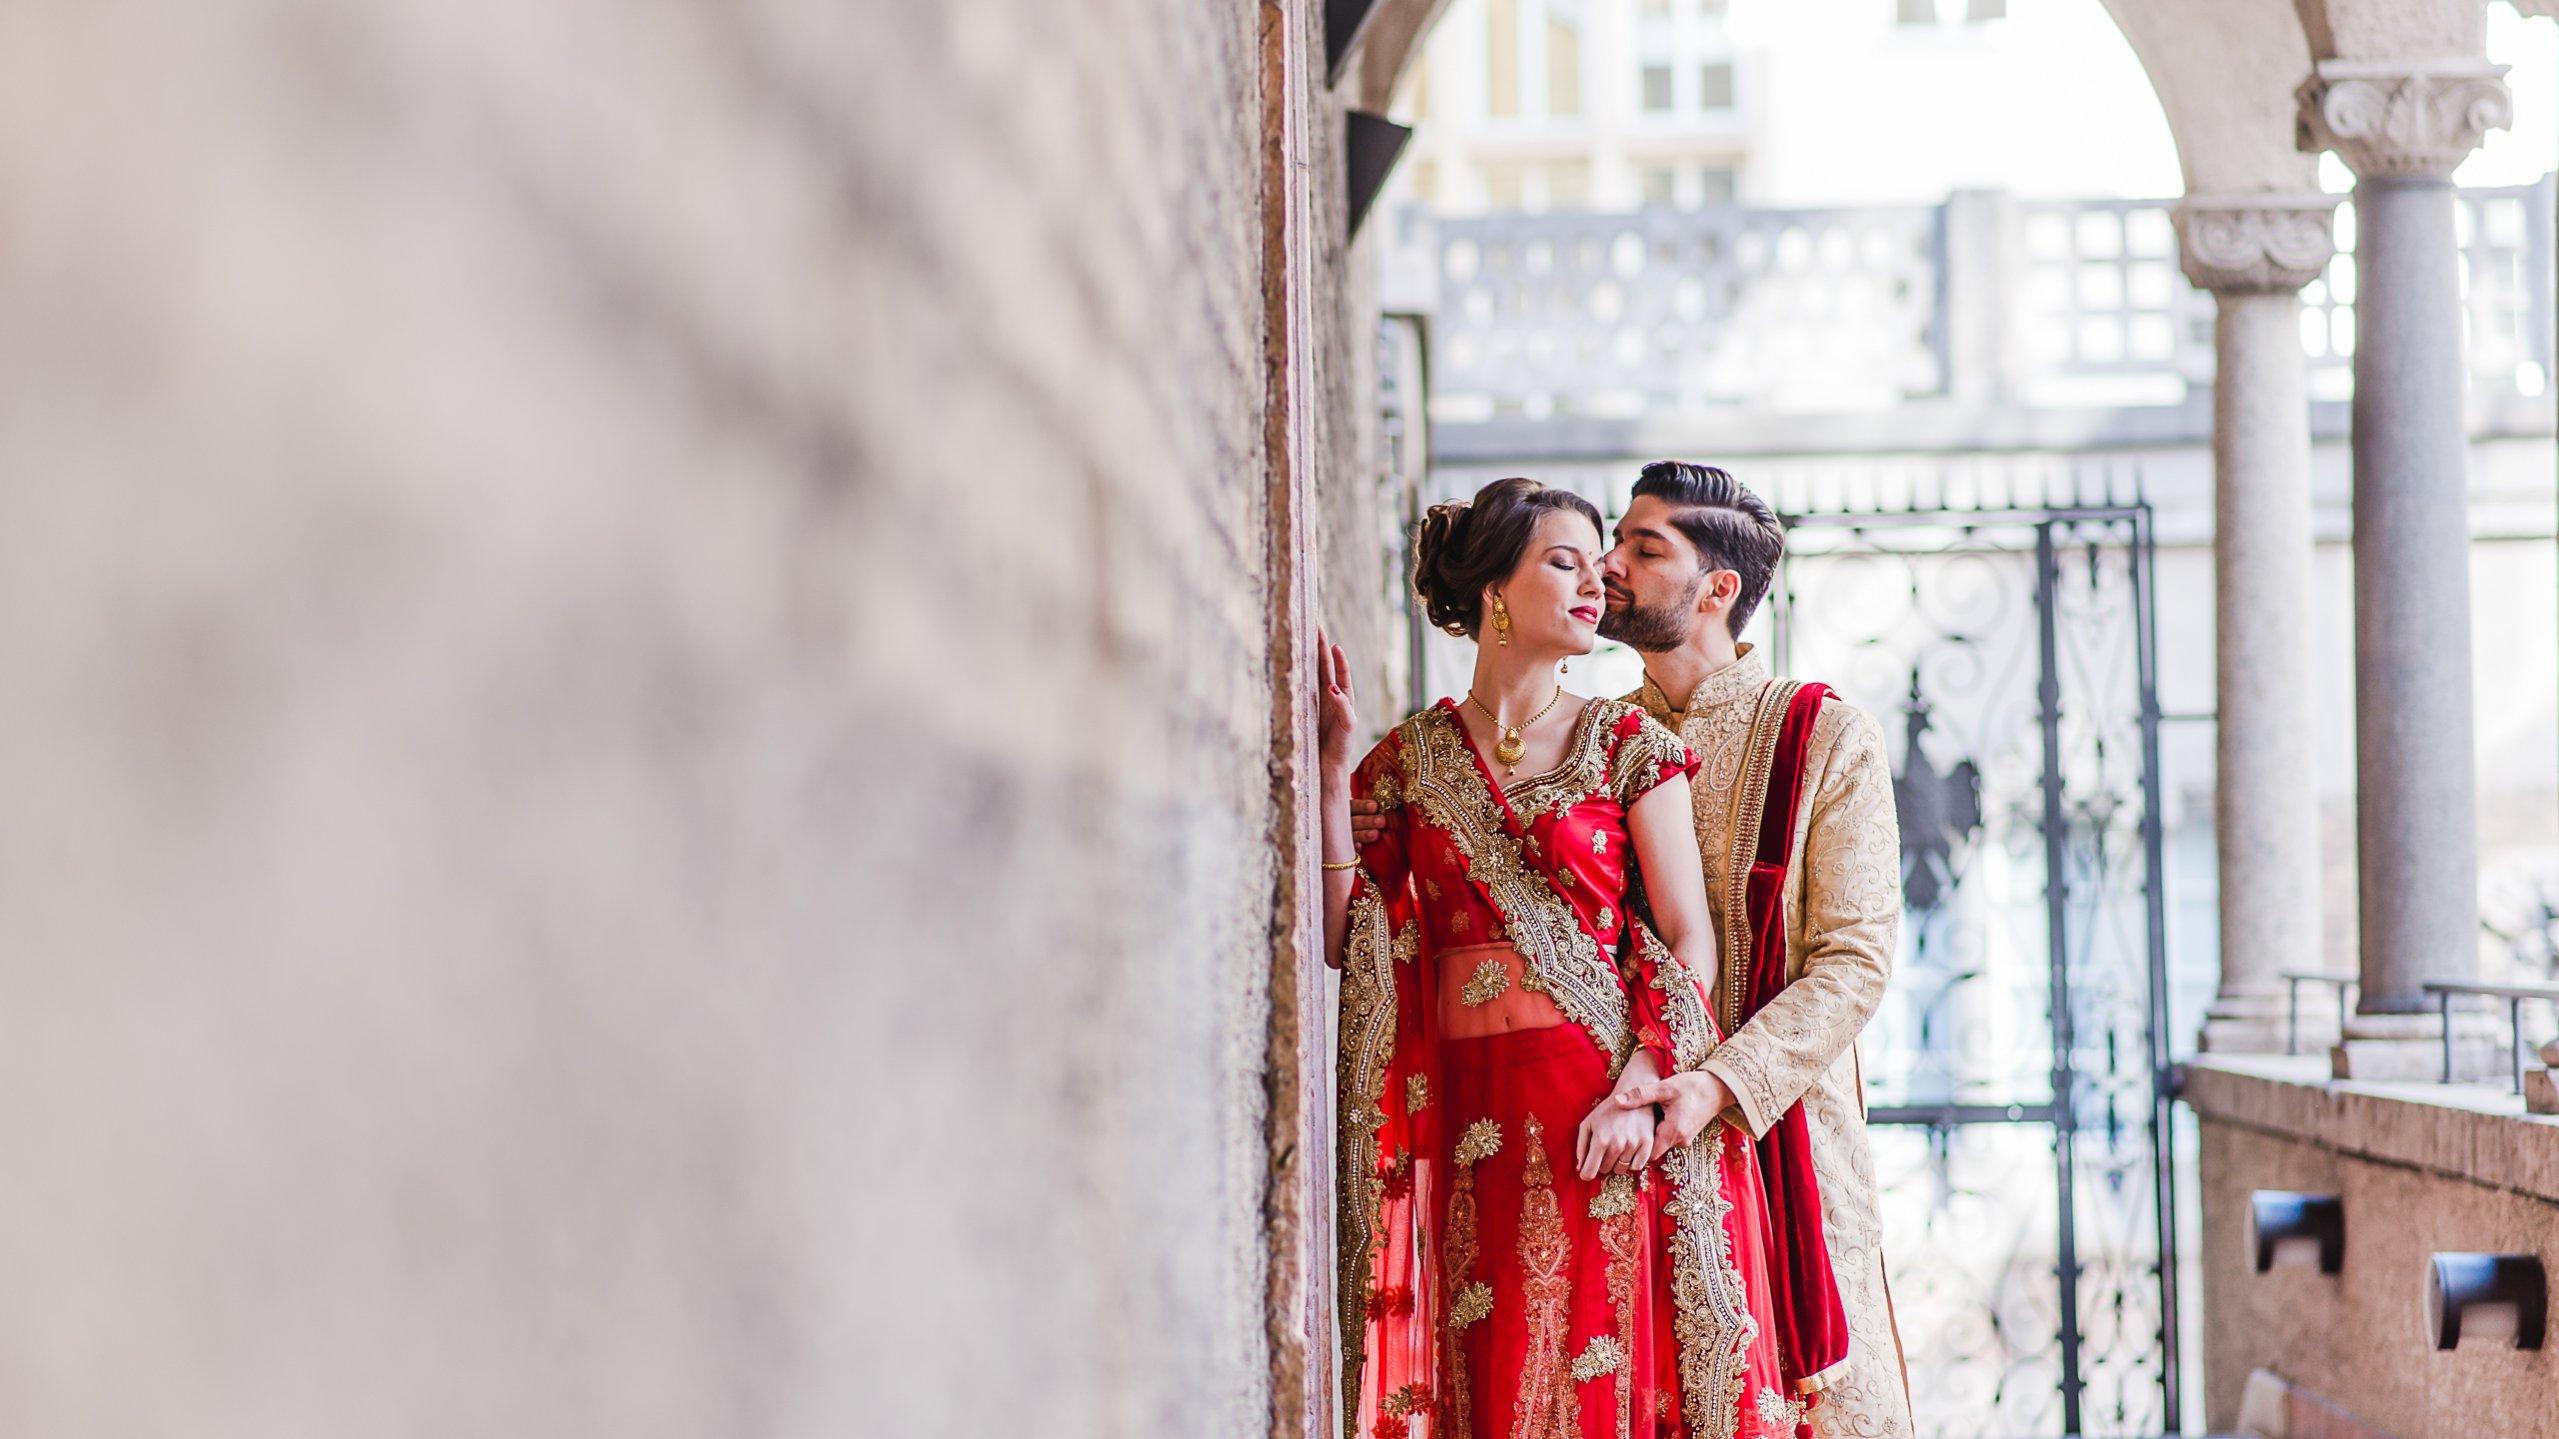 Verliebtes Ehepaar in indischem Gewand in München